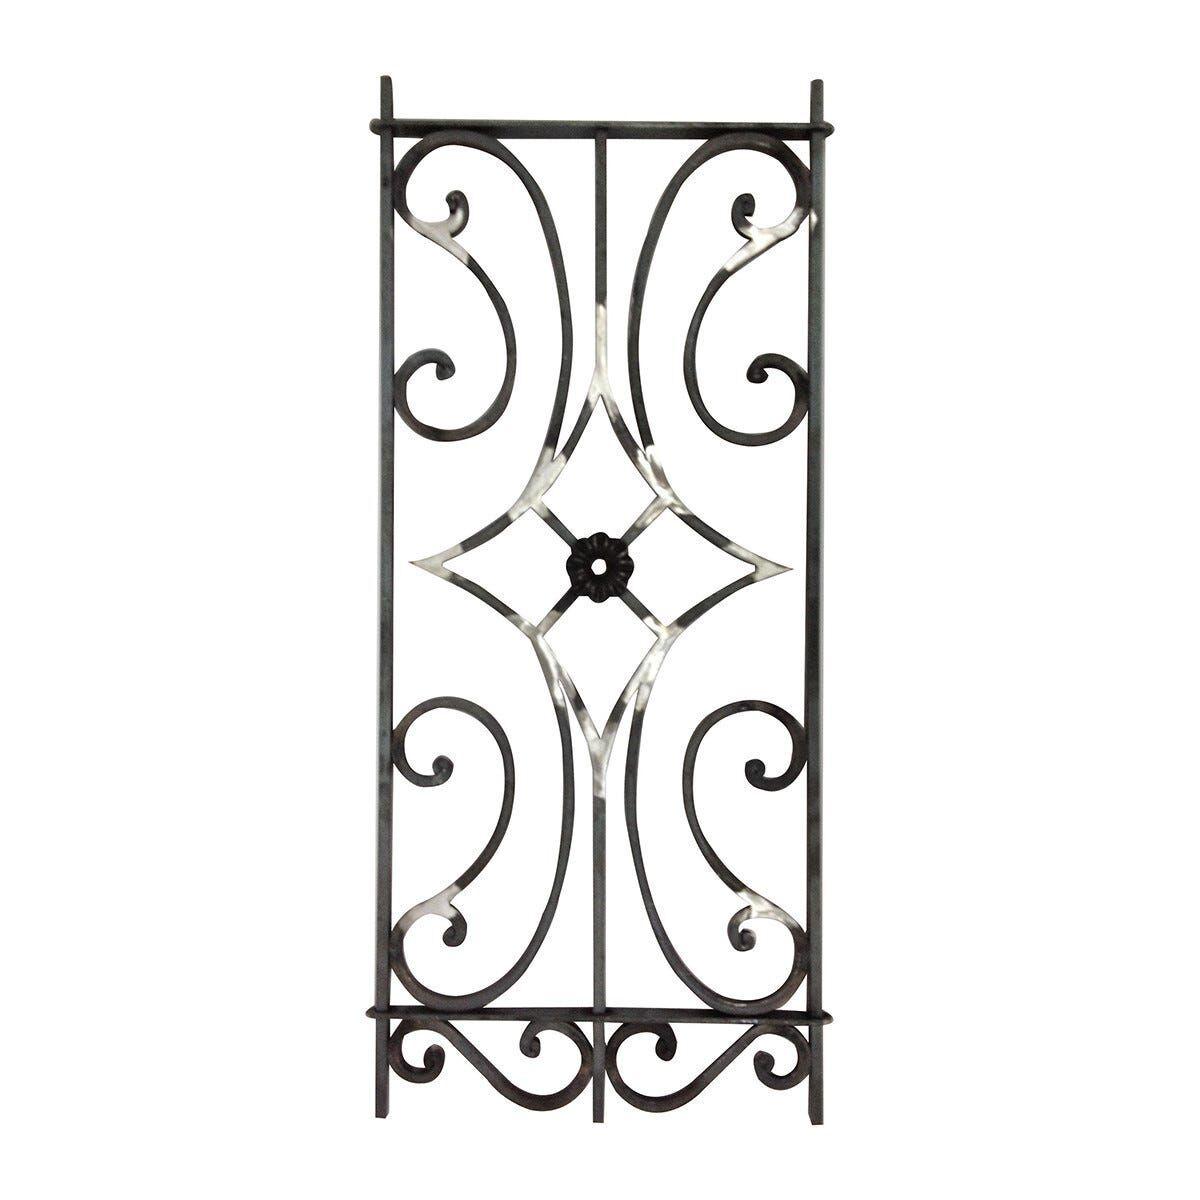 pro_metal_design modulo ferro verticale quadro 12 mm 430x1000 mm per cancelli e recinzioni